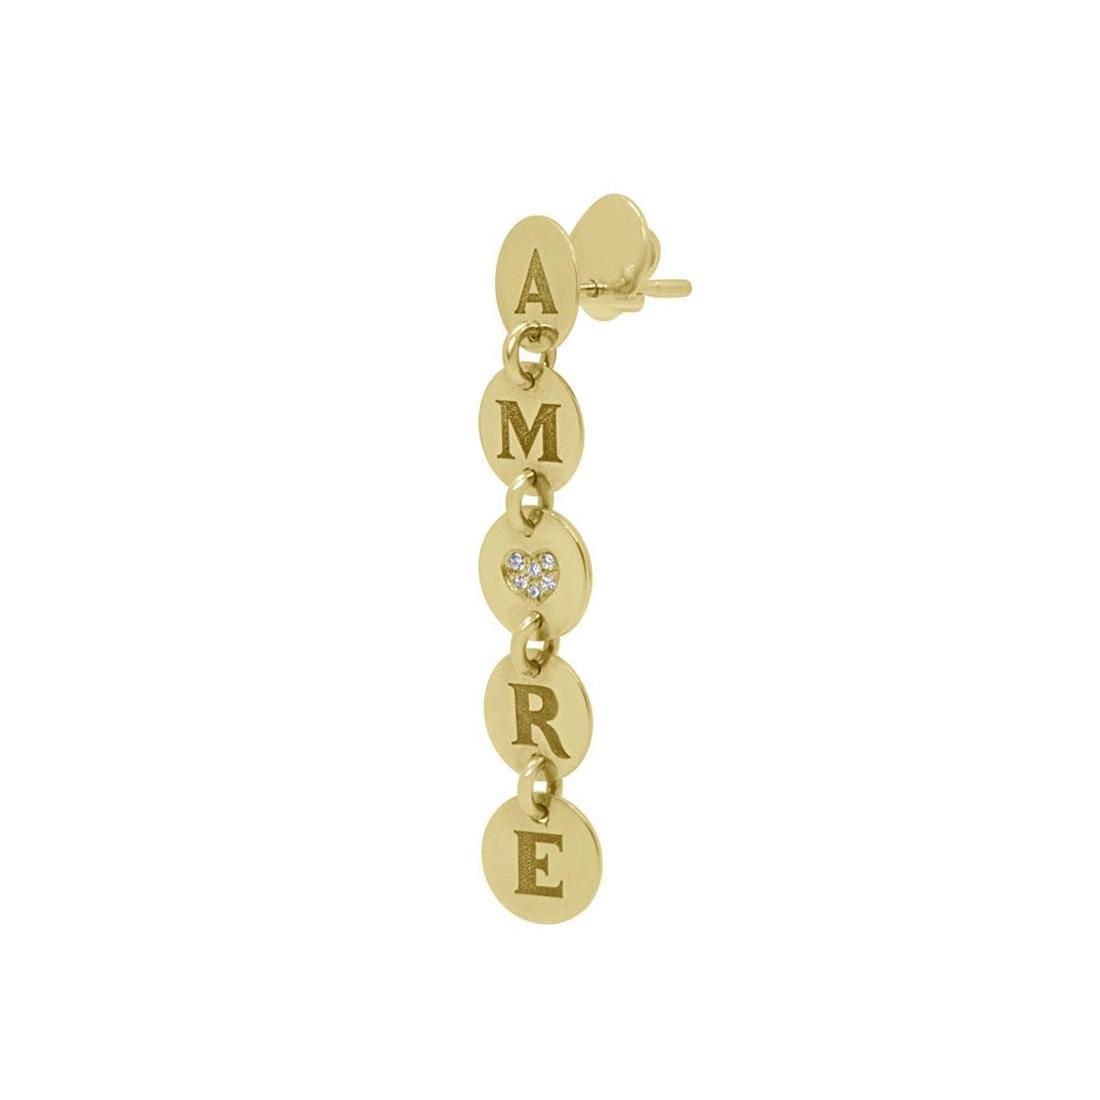 Orecchino Pasquale Bruni Amore in oro giallo con diamanti  - PASQUALE BRUNI